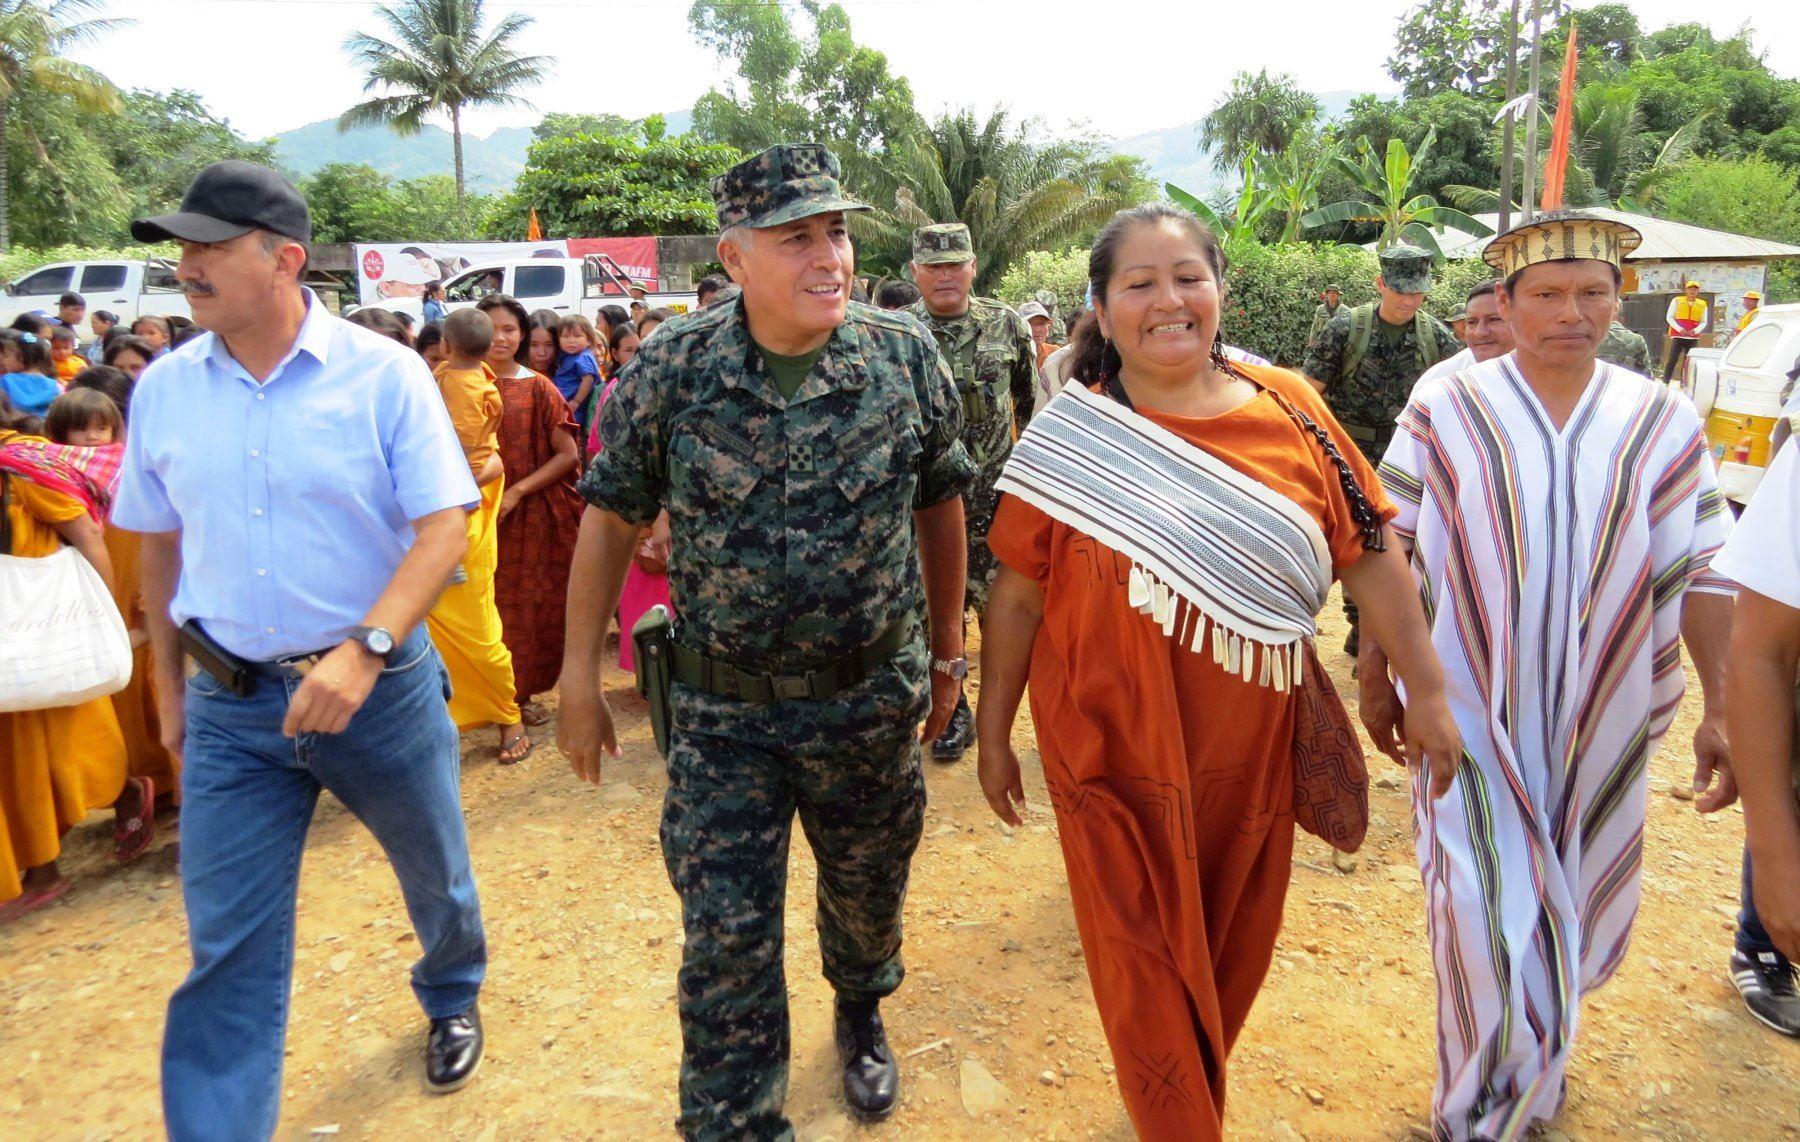 FF AA realizaron operación de ayuda humanitaria en comunidad indígena Teoría, ubicada en el Vraem. ANDINA